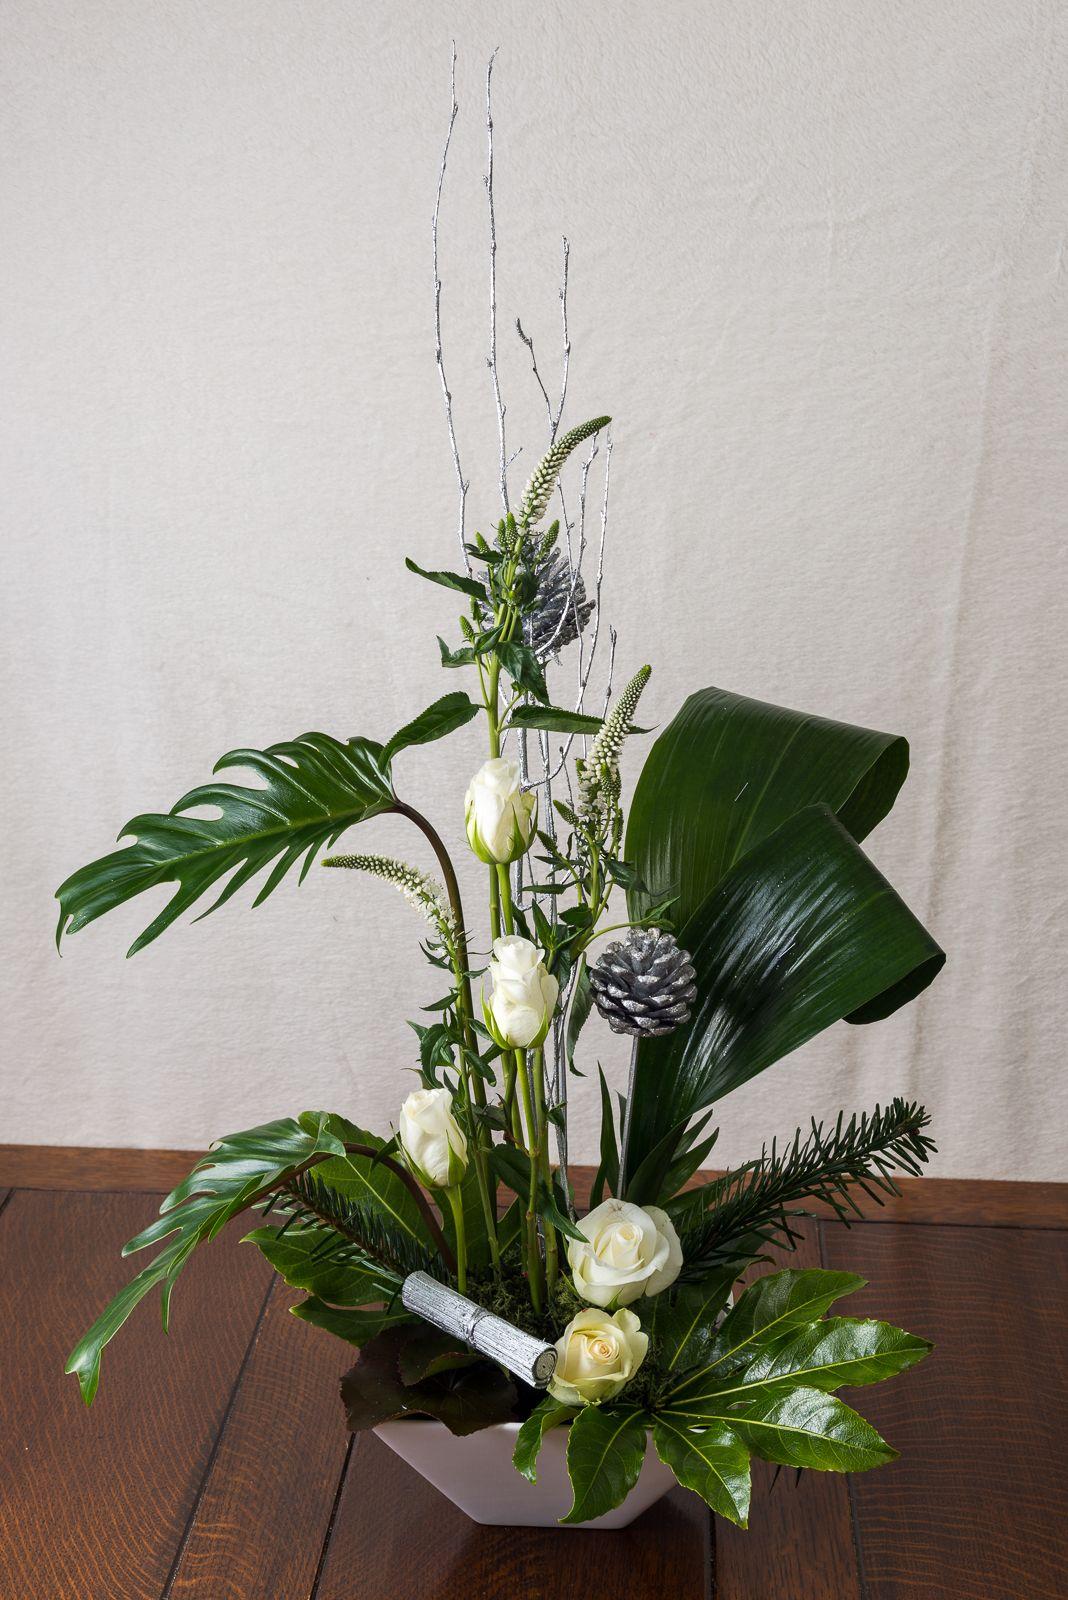 Contemporary Christmas Table Arrangement Contemporary Flower Arrangements Ikebana Arrangements Flower Arrangements